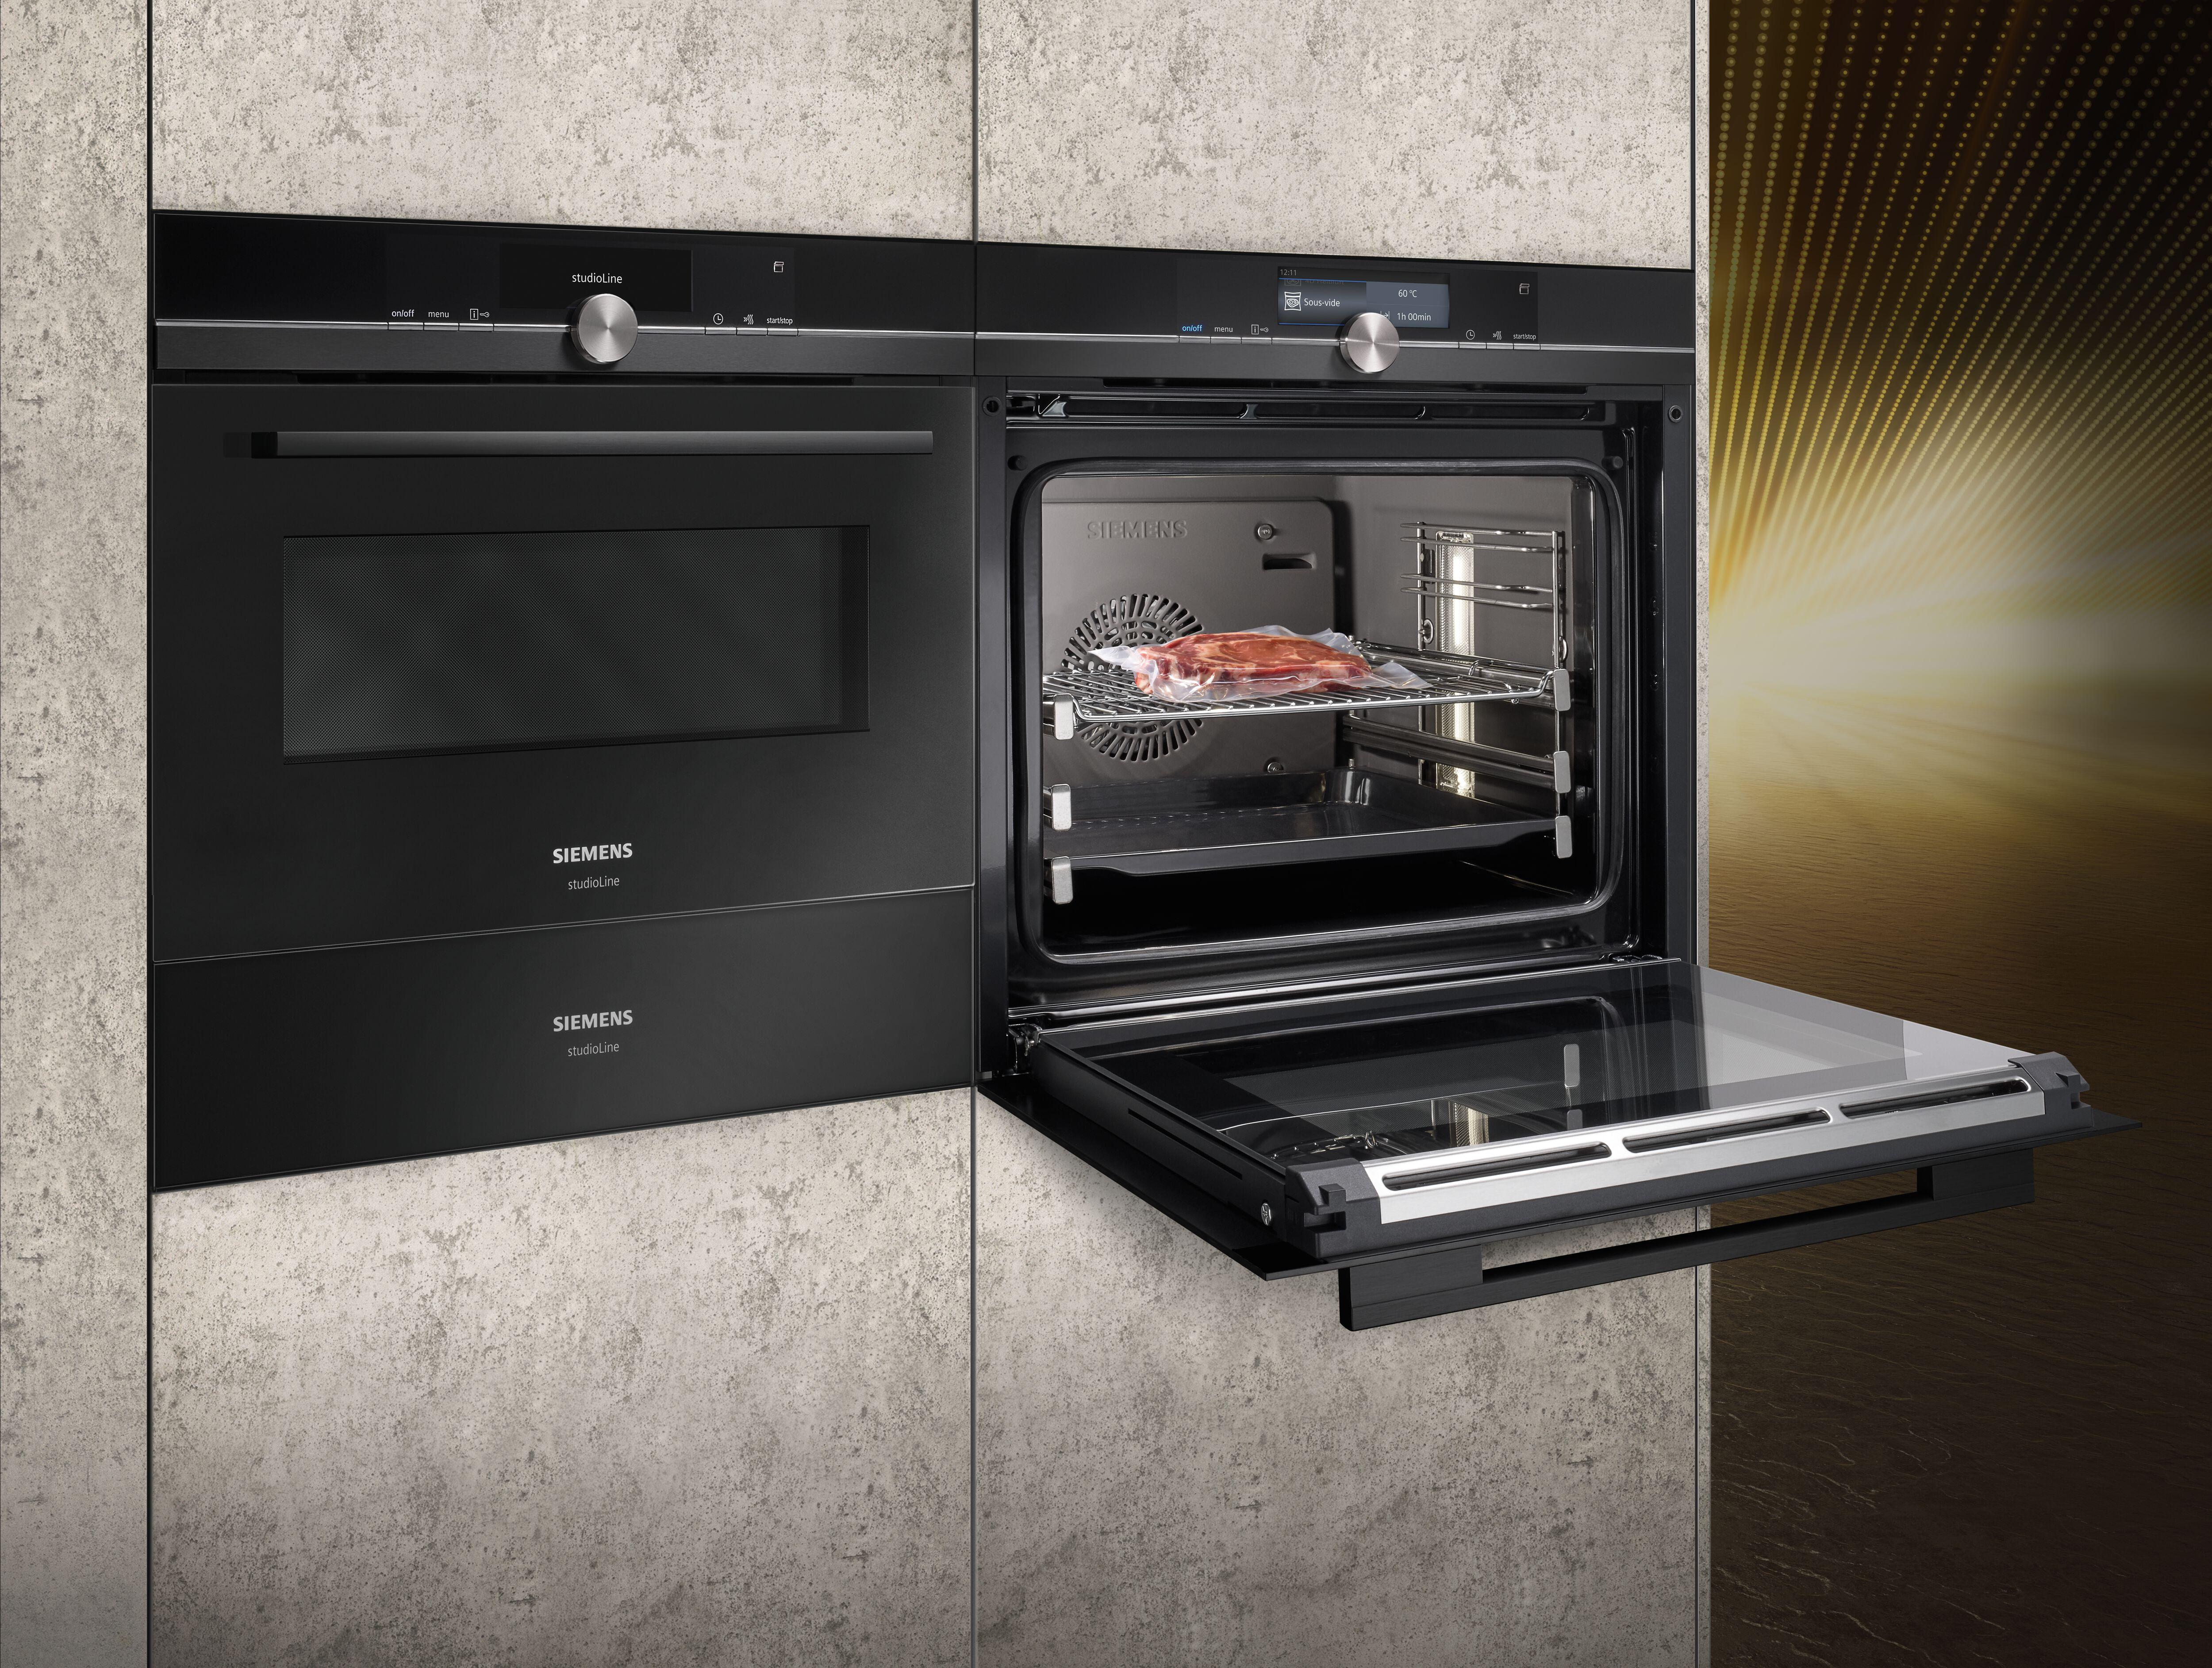 Vestavěný senzor roastingSensor se postará o to, aby bylo jídlo skutečně křupavé, ale také uvnitř dokonale upečené.